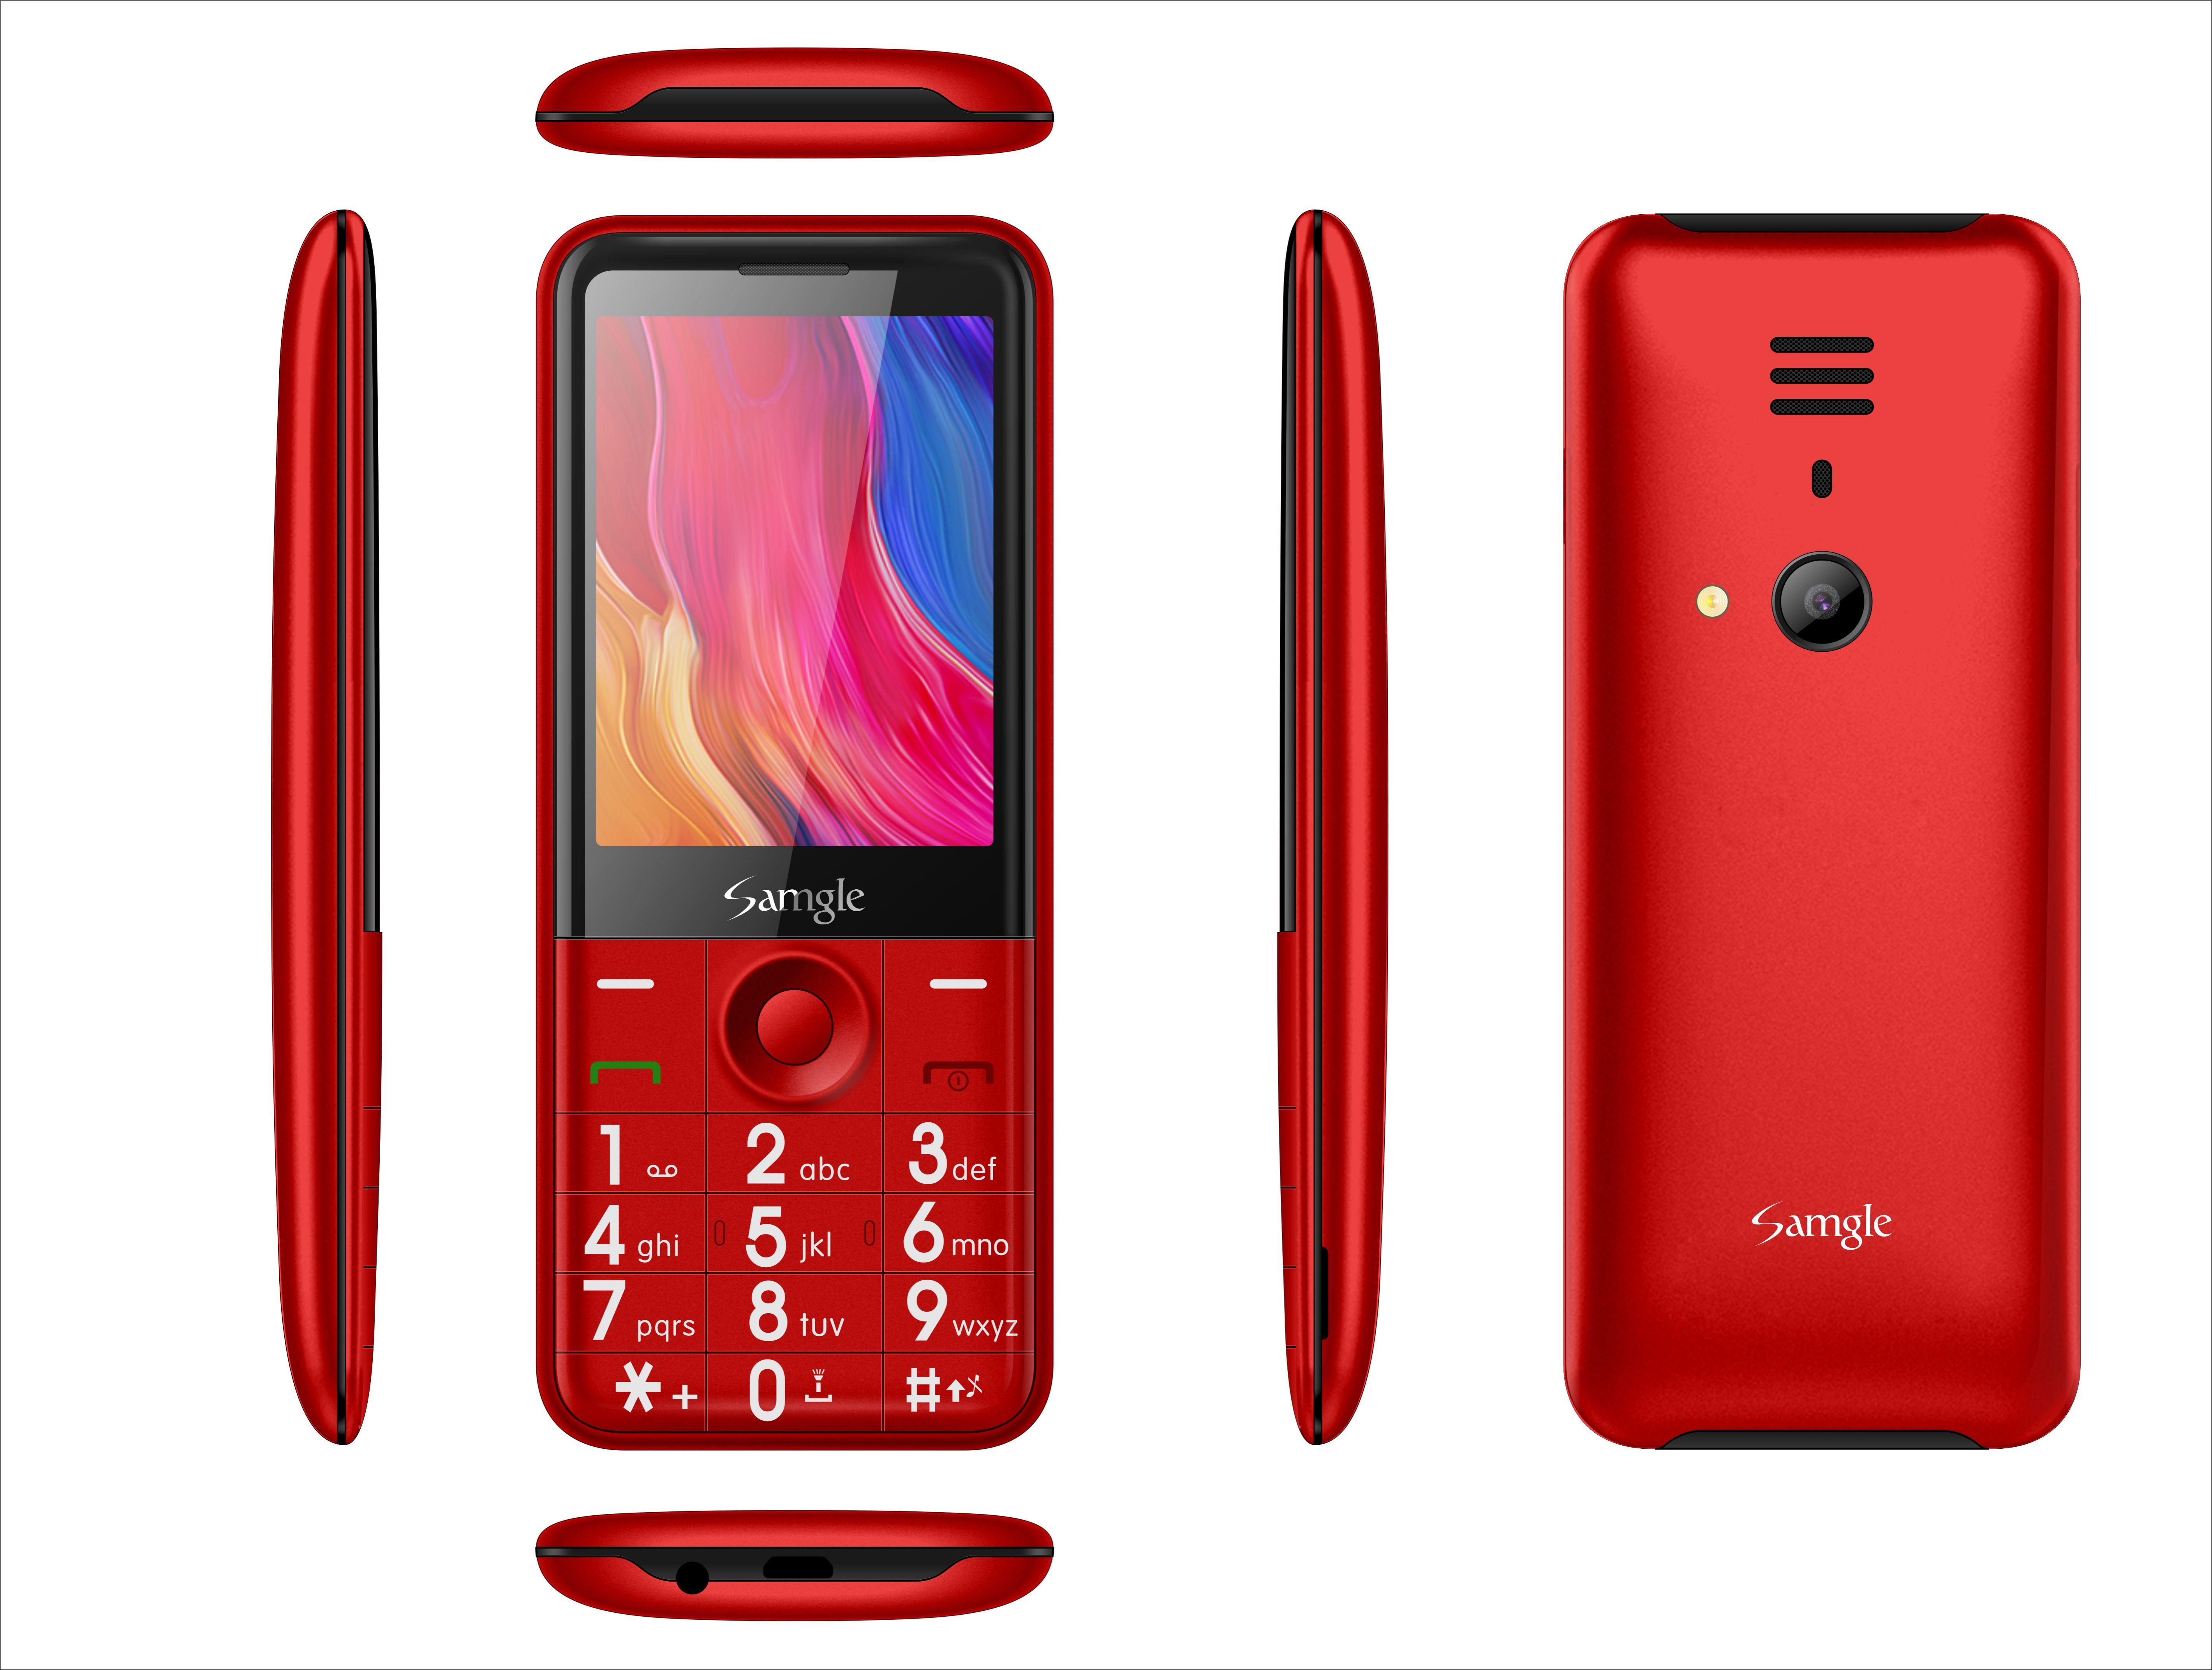 Telefon mobil Samgle Flash 3G, Ecran 2.8 inch, Bluetooth, Digi 3G, Camera, Slot Card, Radio FM, Internet, DualSim2